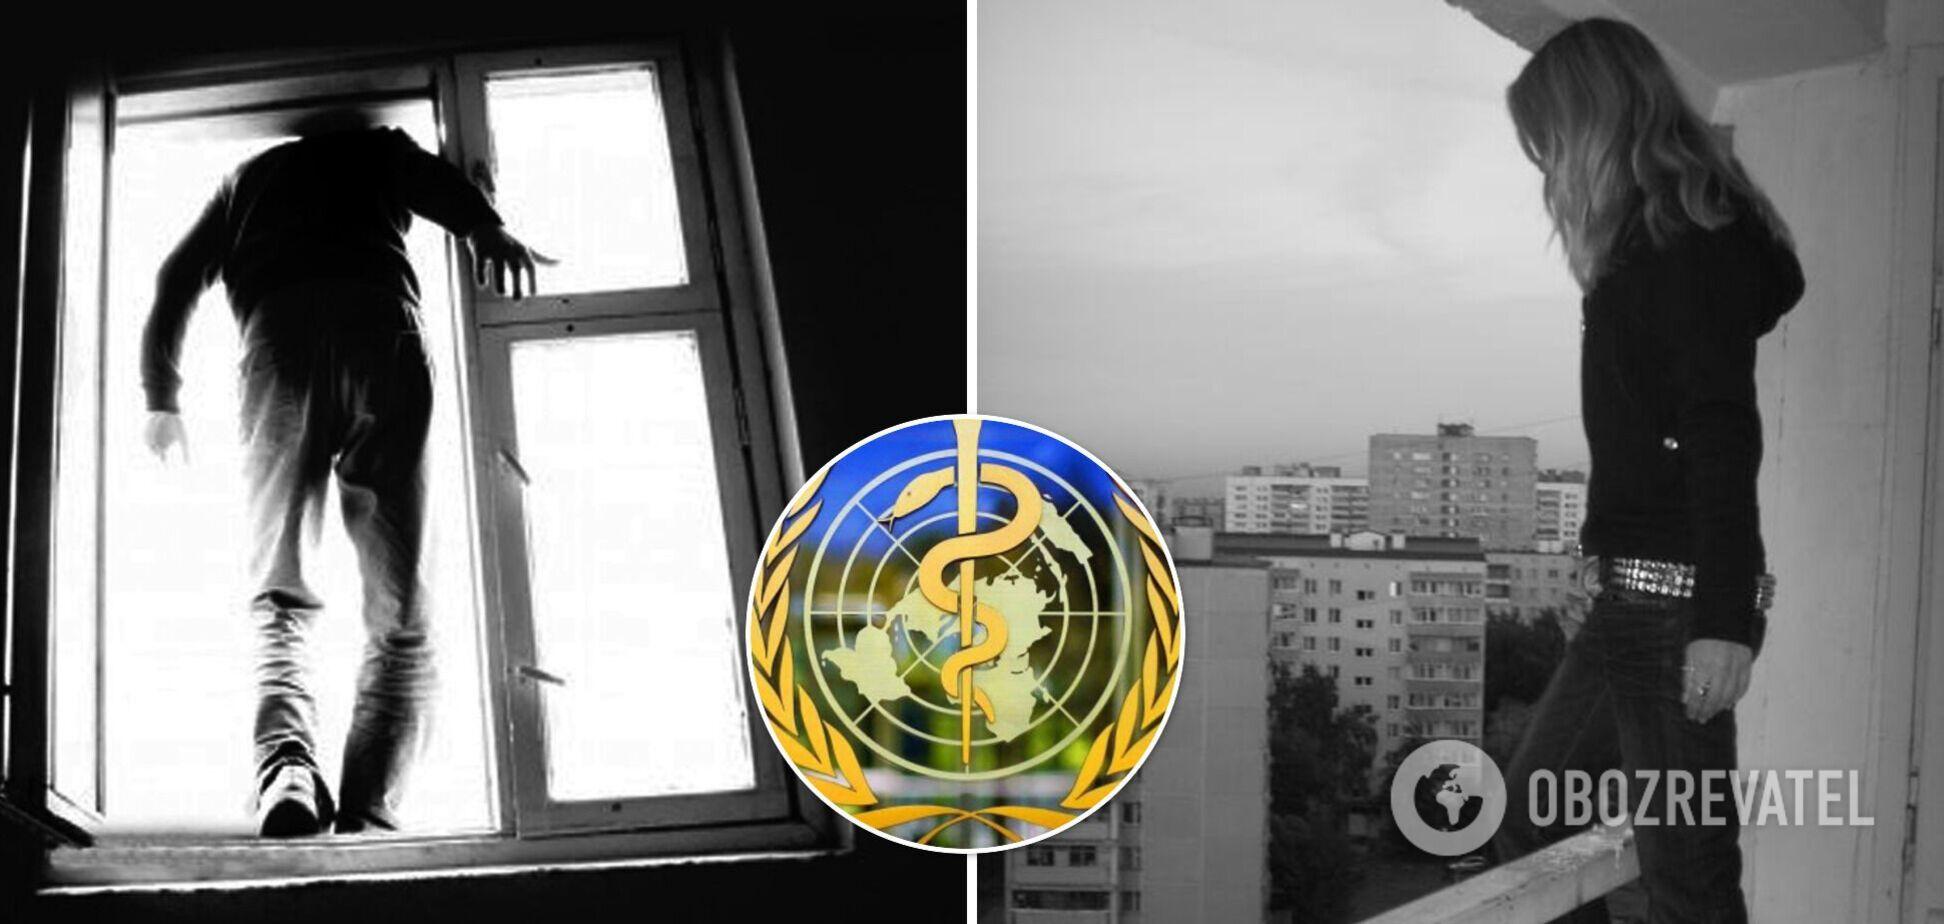 Умирает больше, чем от ВИЧ, рака груди или войны: ВОЗ опубликовала страшную статистику самоубийств